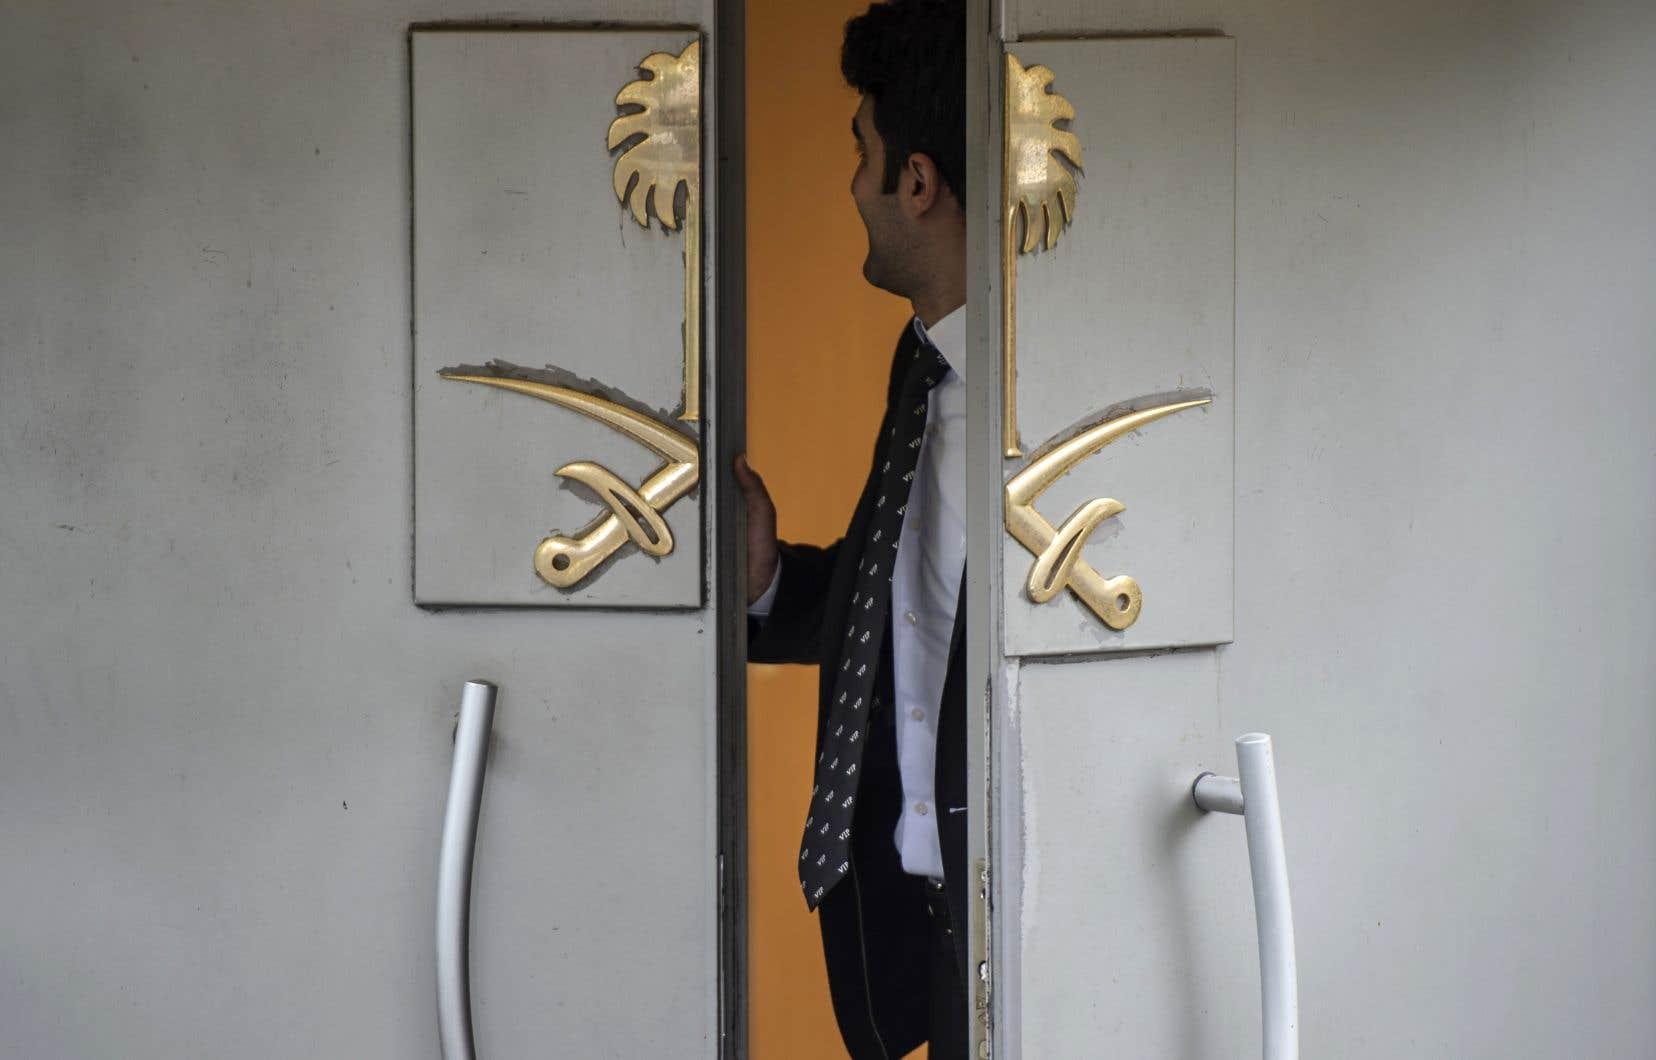 La disparition de Jamal Khashoggi, tué le 2 octobre au consulat saoudien à Istanbul, a suscité une vague d'opprobre internationale contre l'Arabie saoudite, grand rival de l'Iran.